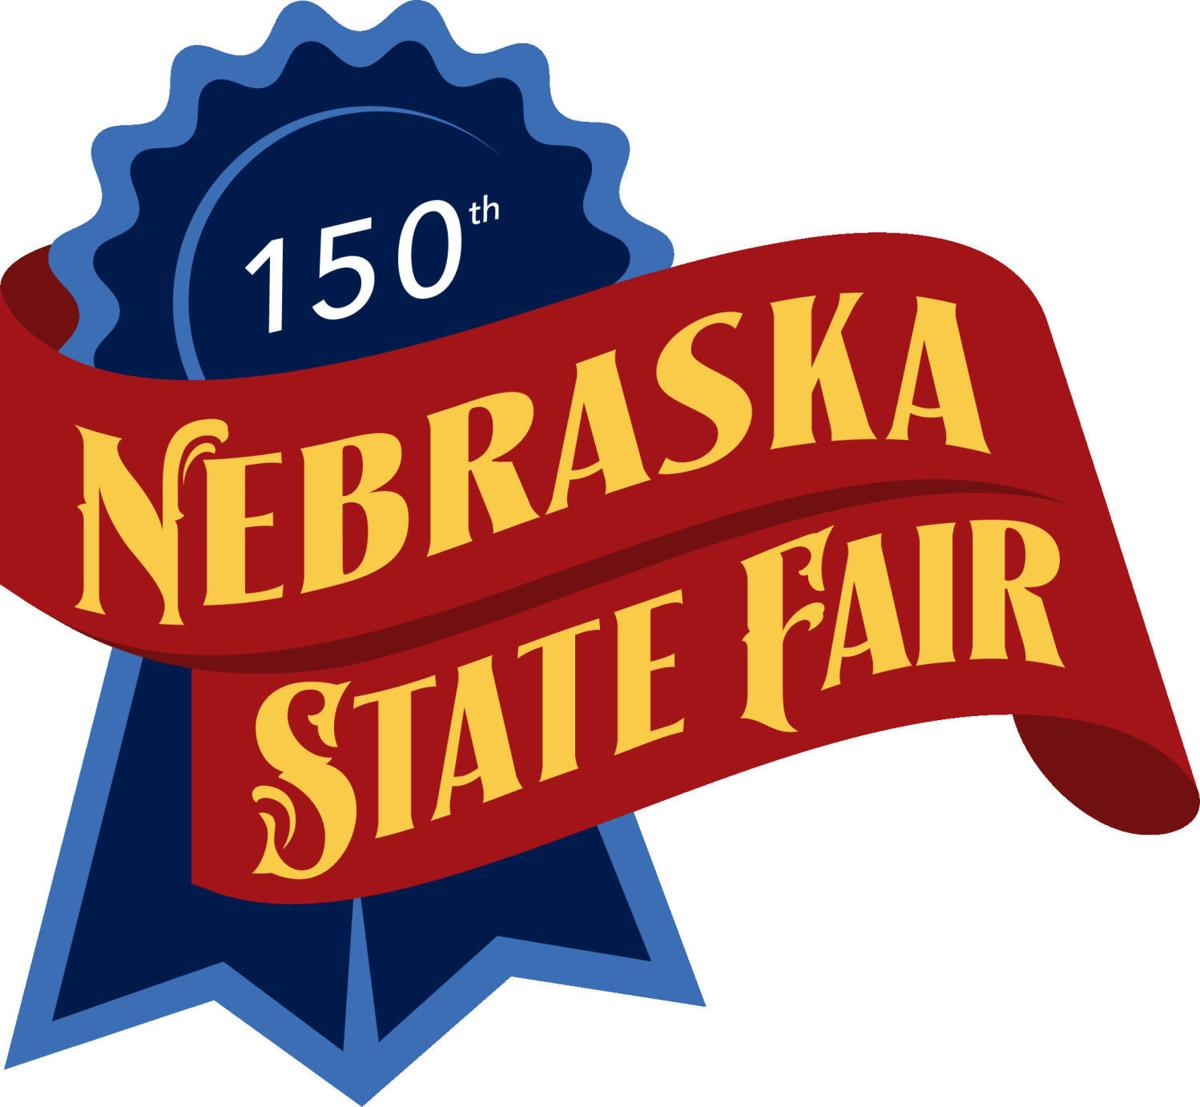 Nebraska State Fair logo